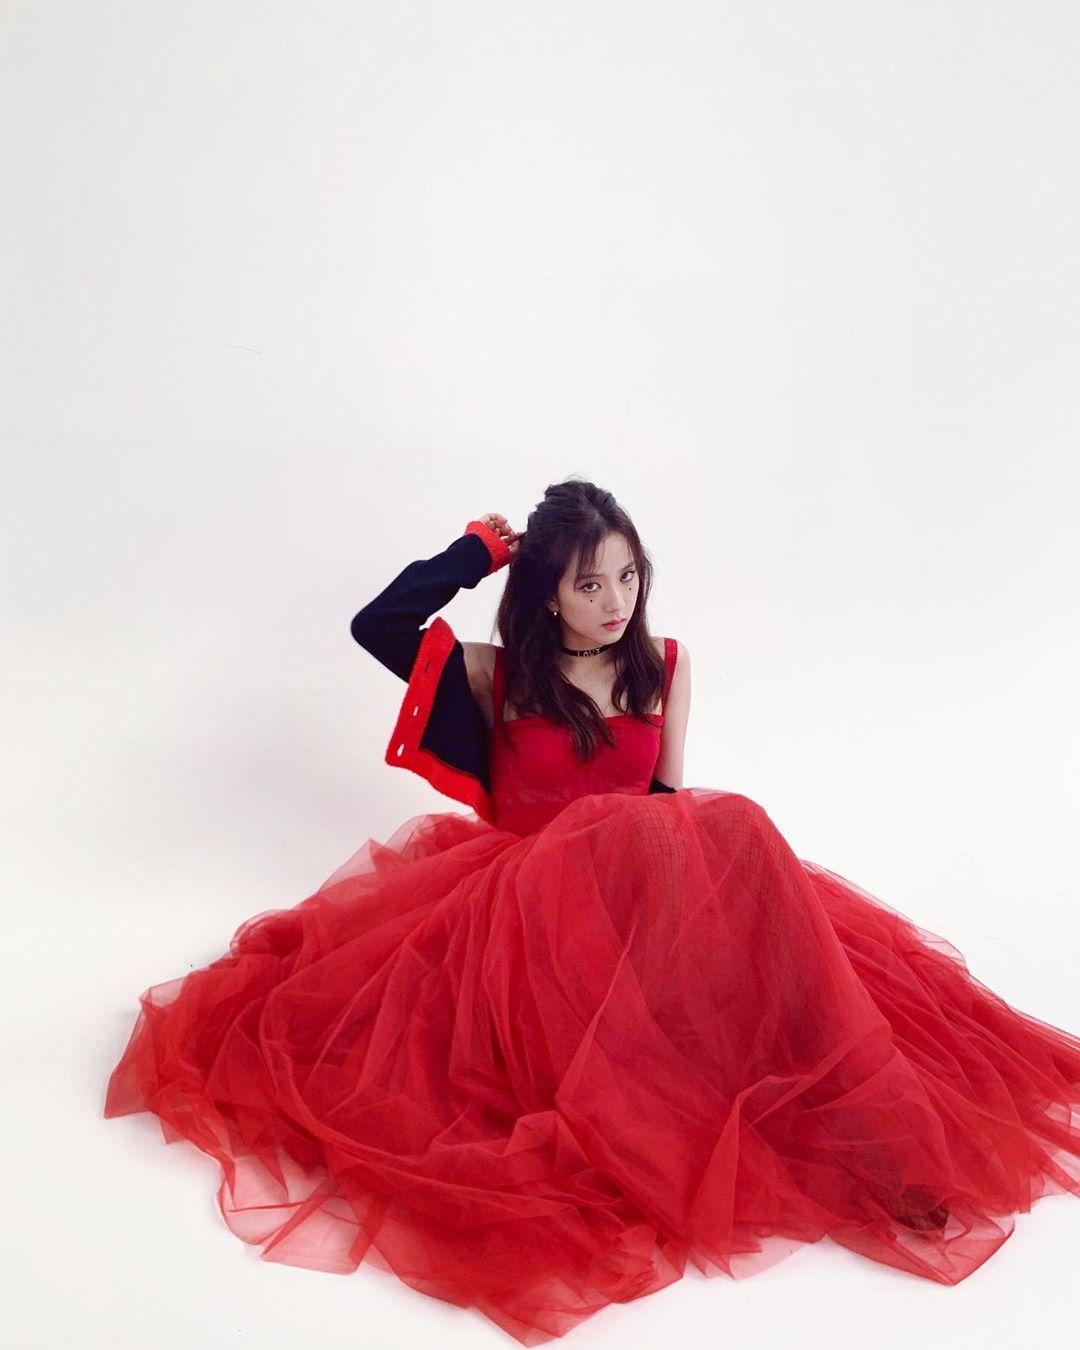 jisoo red dress1